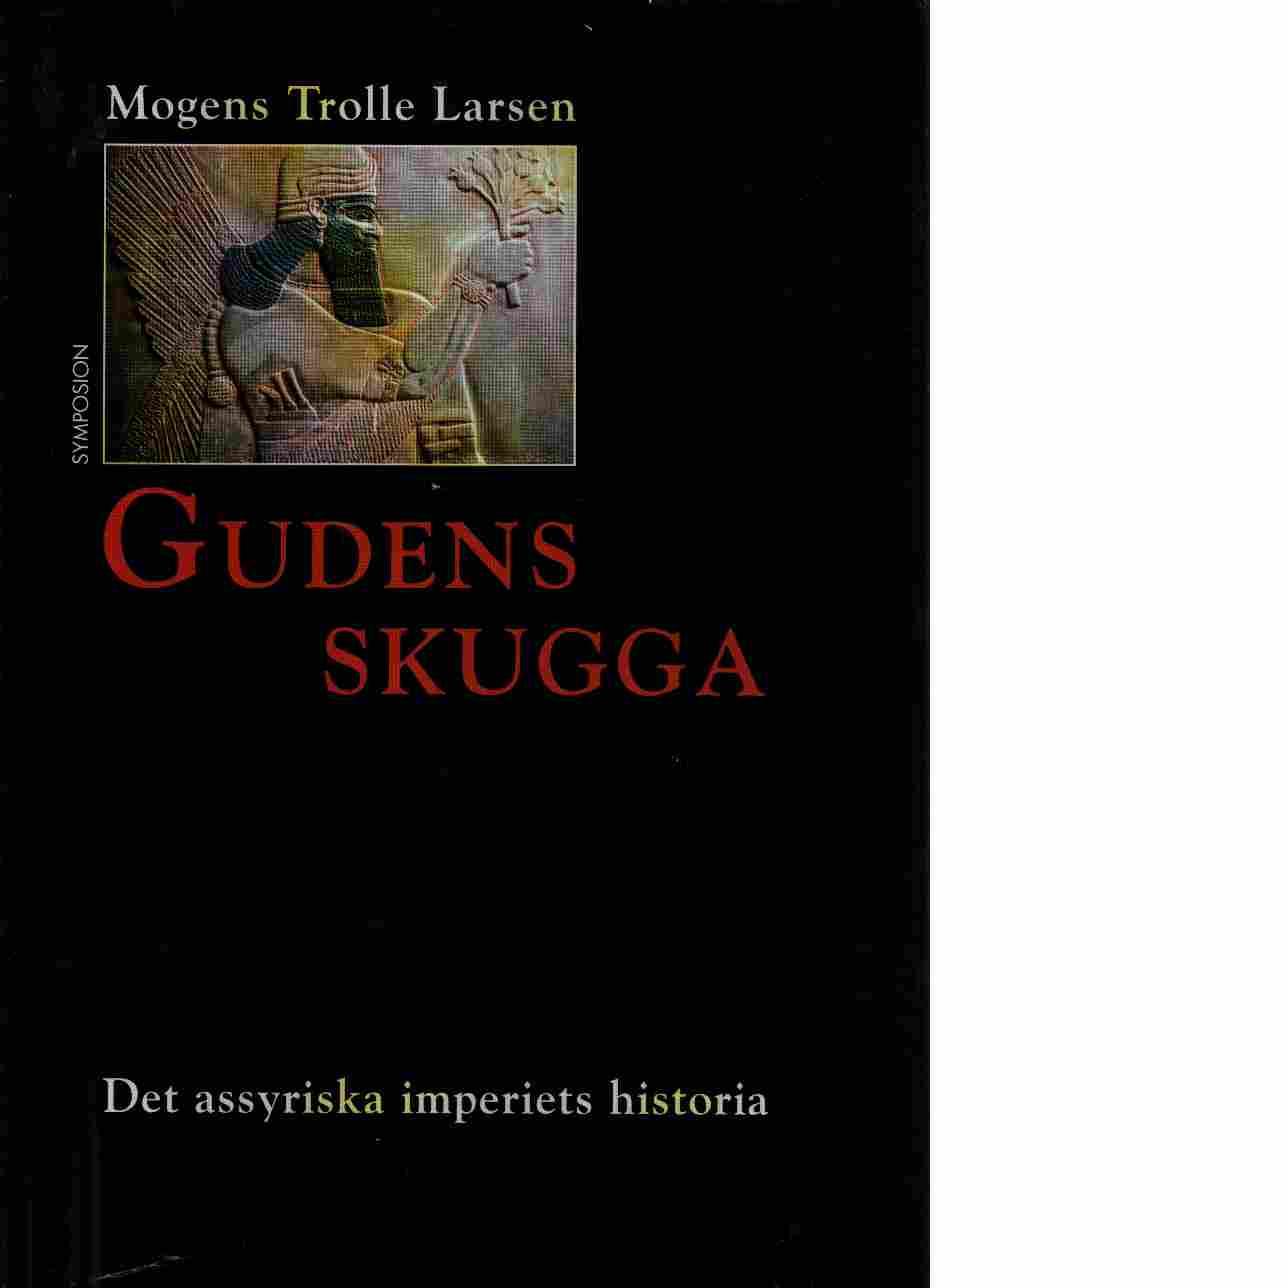 Gudens skugga : det assyriska imperiets historia - Trolle Larsen, Mogens